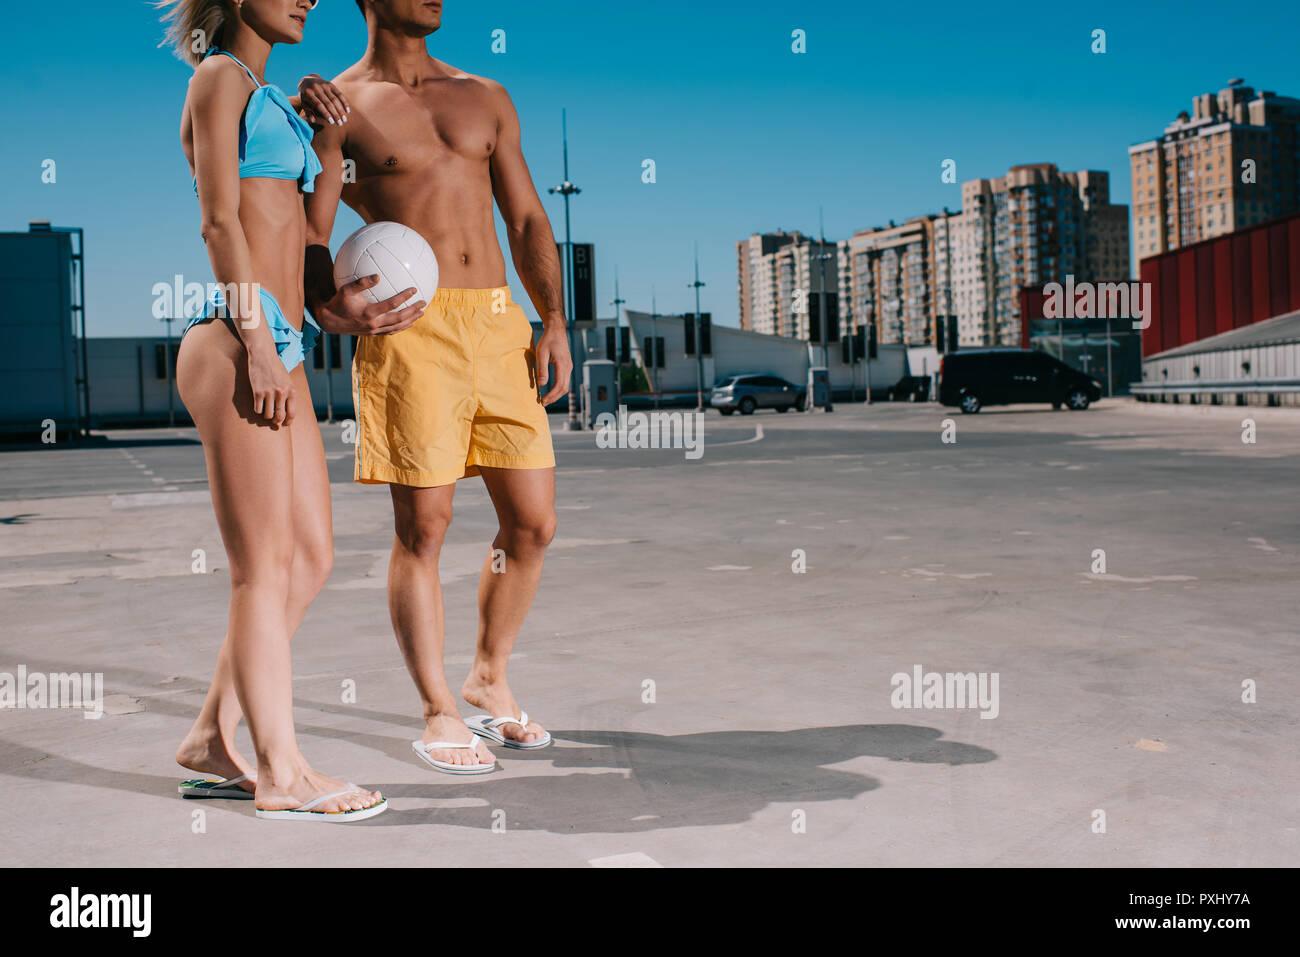 Ritagliato colpo di coppia giovane in vestiti in spiaggia con sfera di pallavolo su parcheggio Immagini Stock